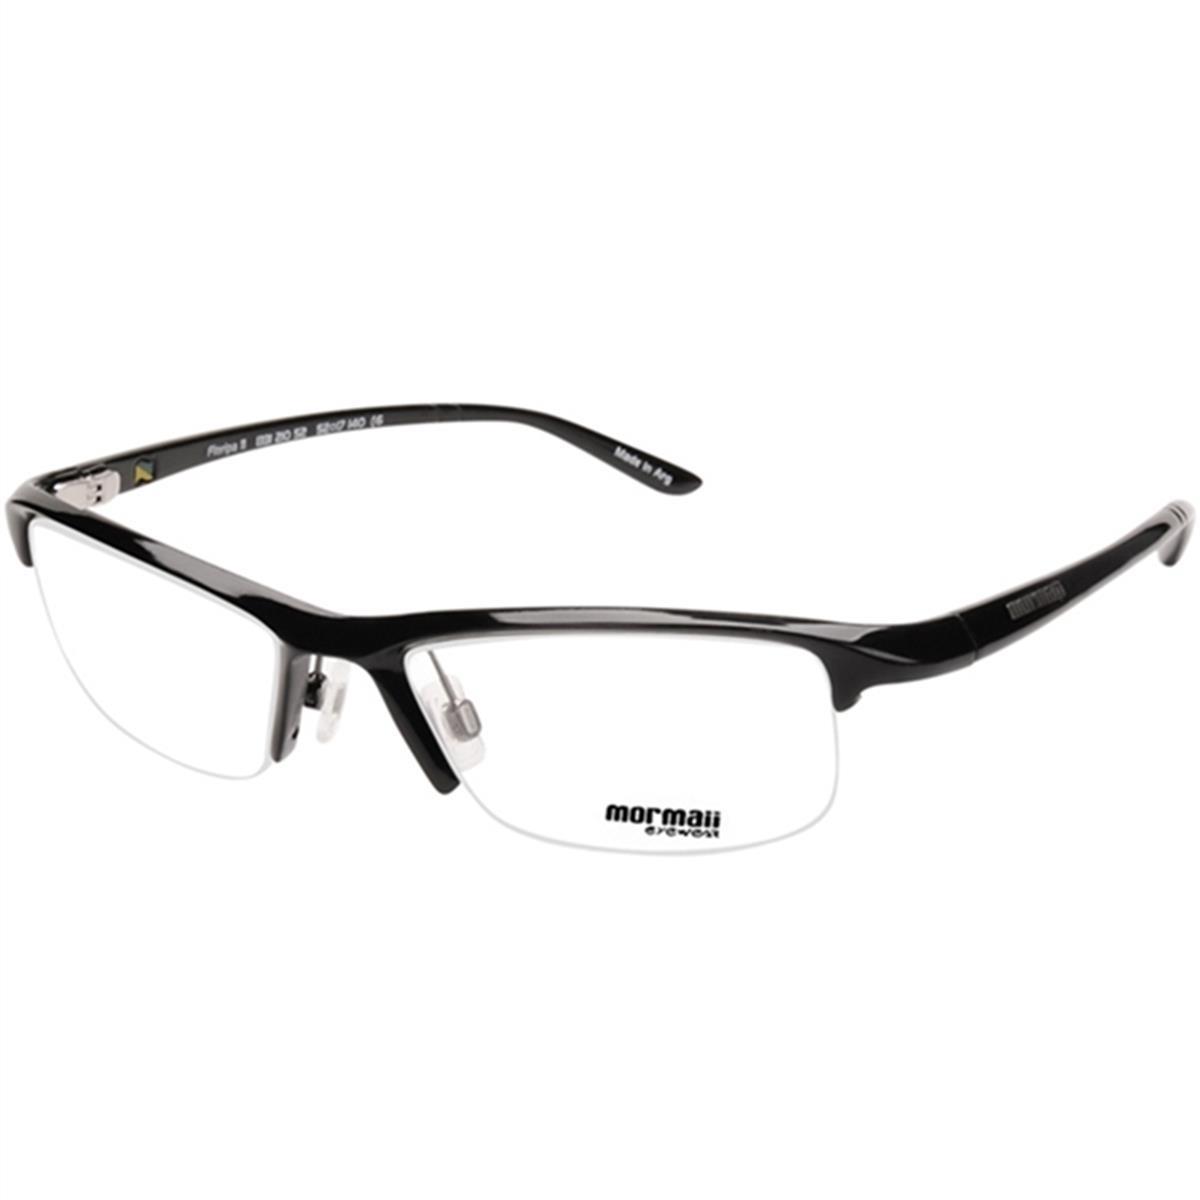 811be3b27 Armação Óculos de Grau Preto Brilhante Tamanho 52 FLORIPA11 Mormaii